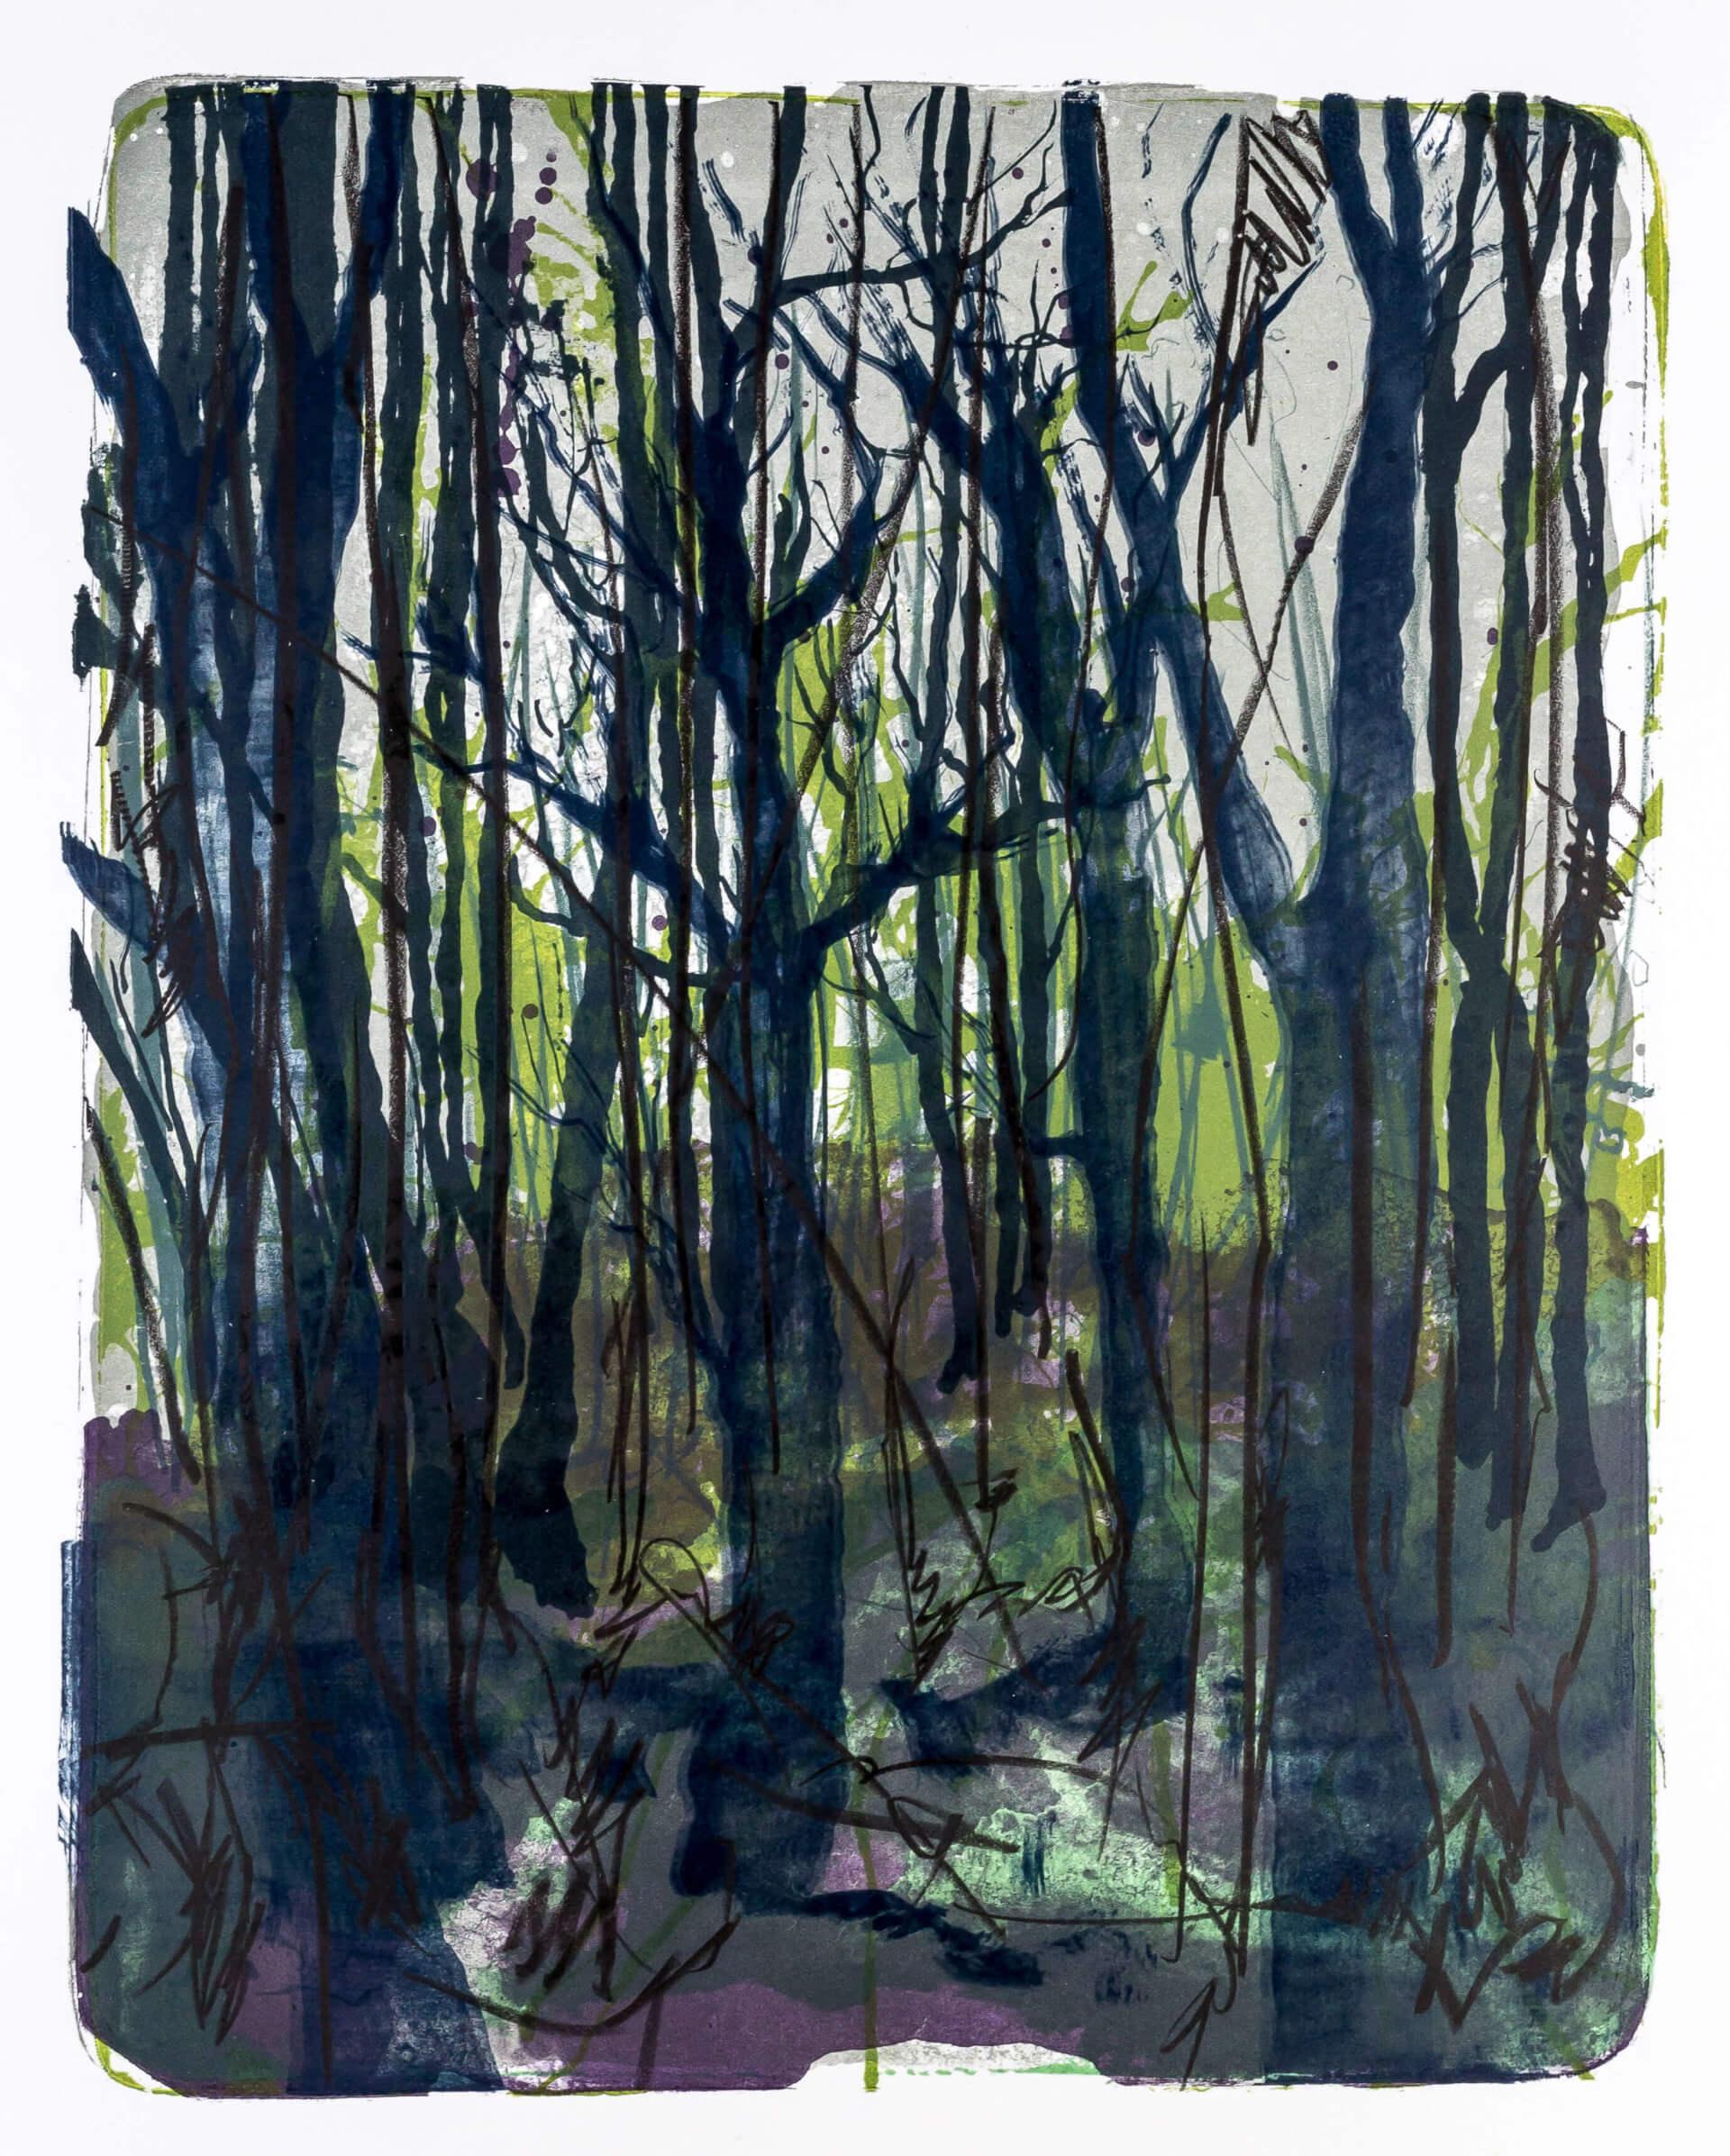 Katharina Albers, Wald X-XVII, 2015, Farblithographie, Unikat, 50×40 cm